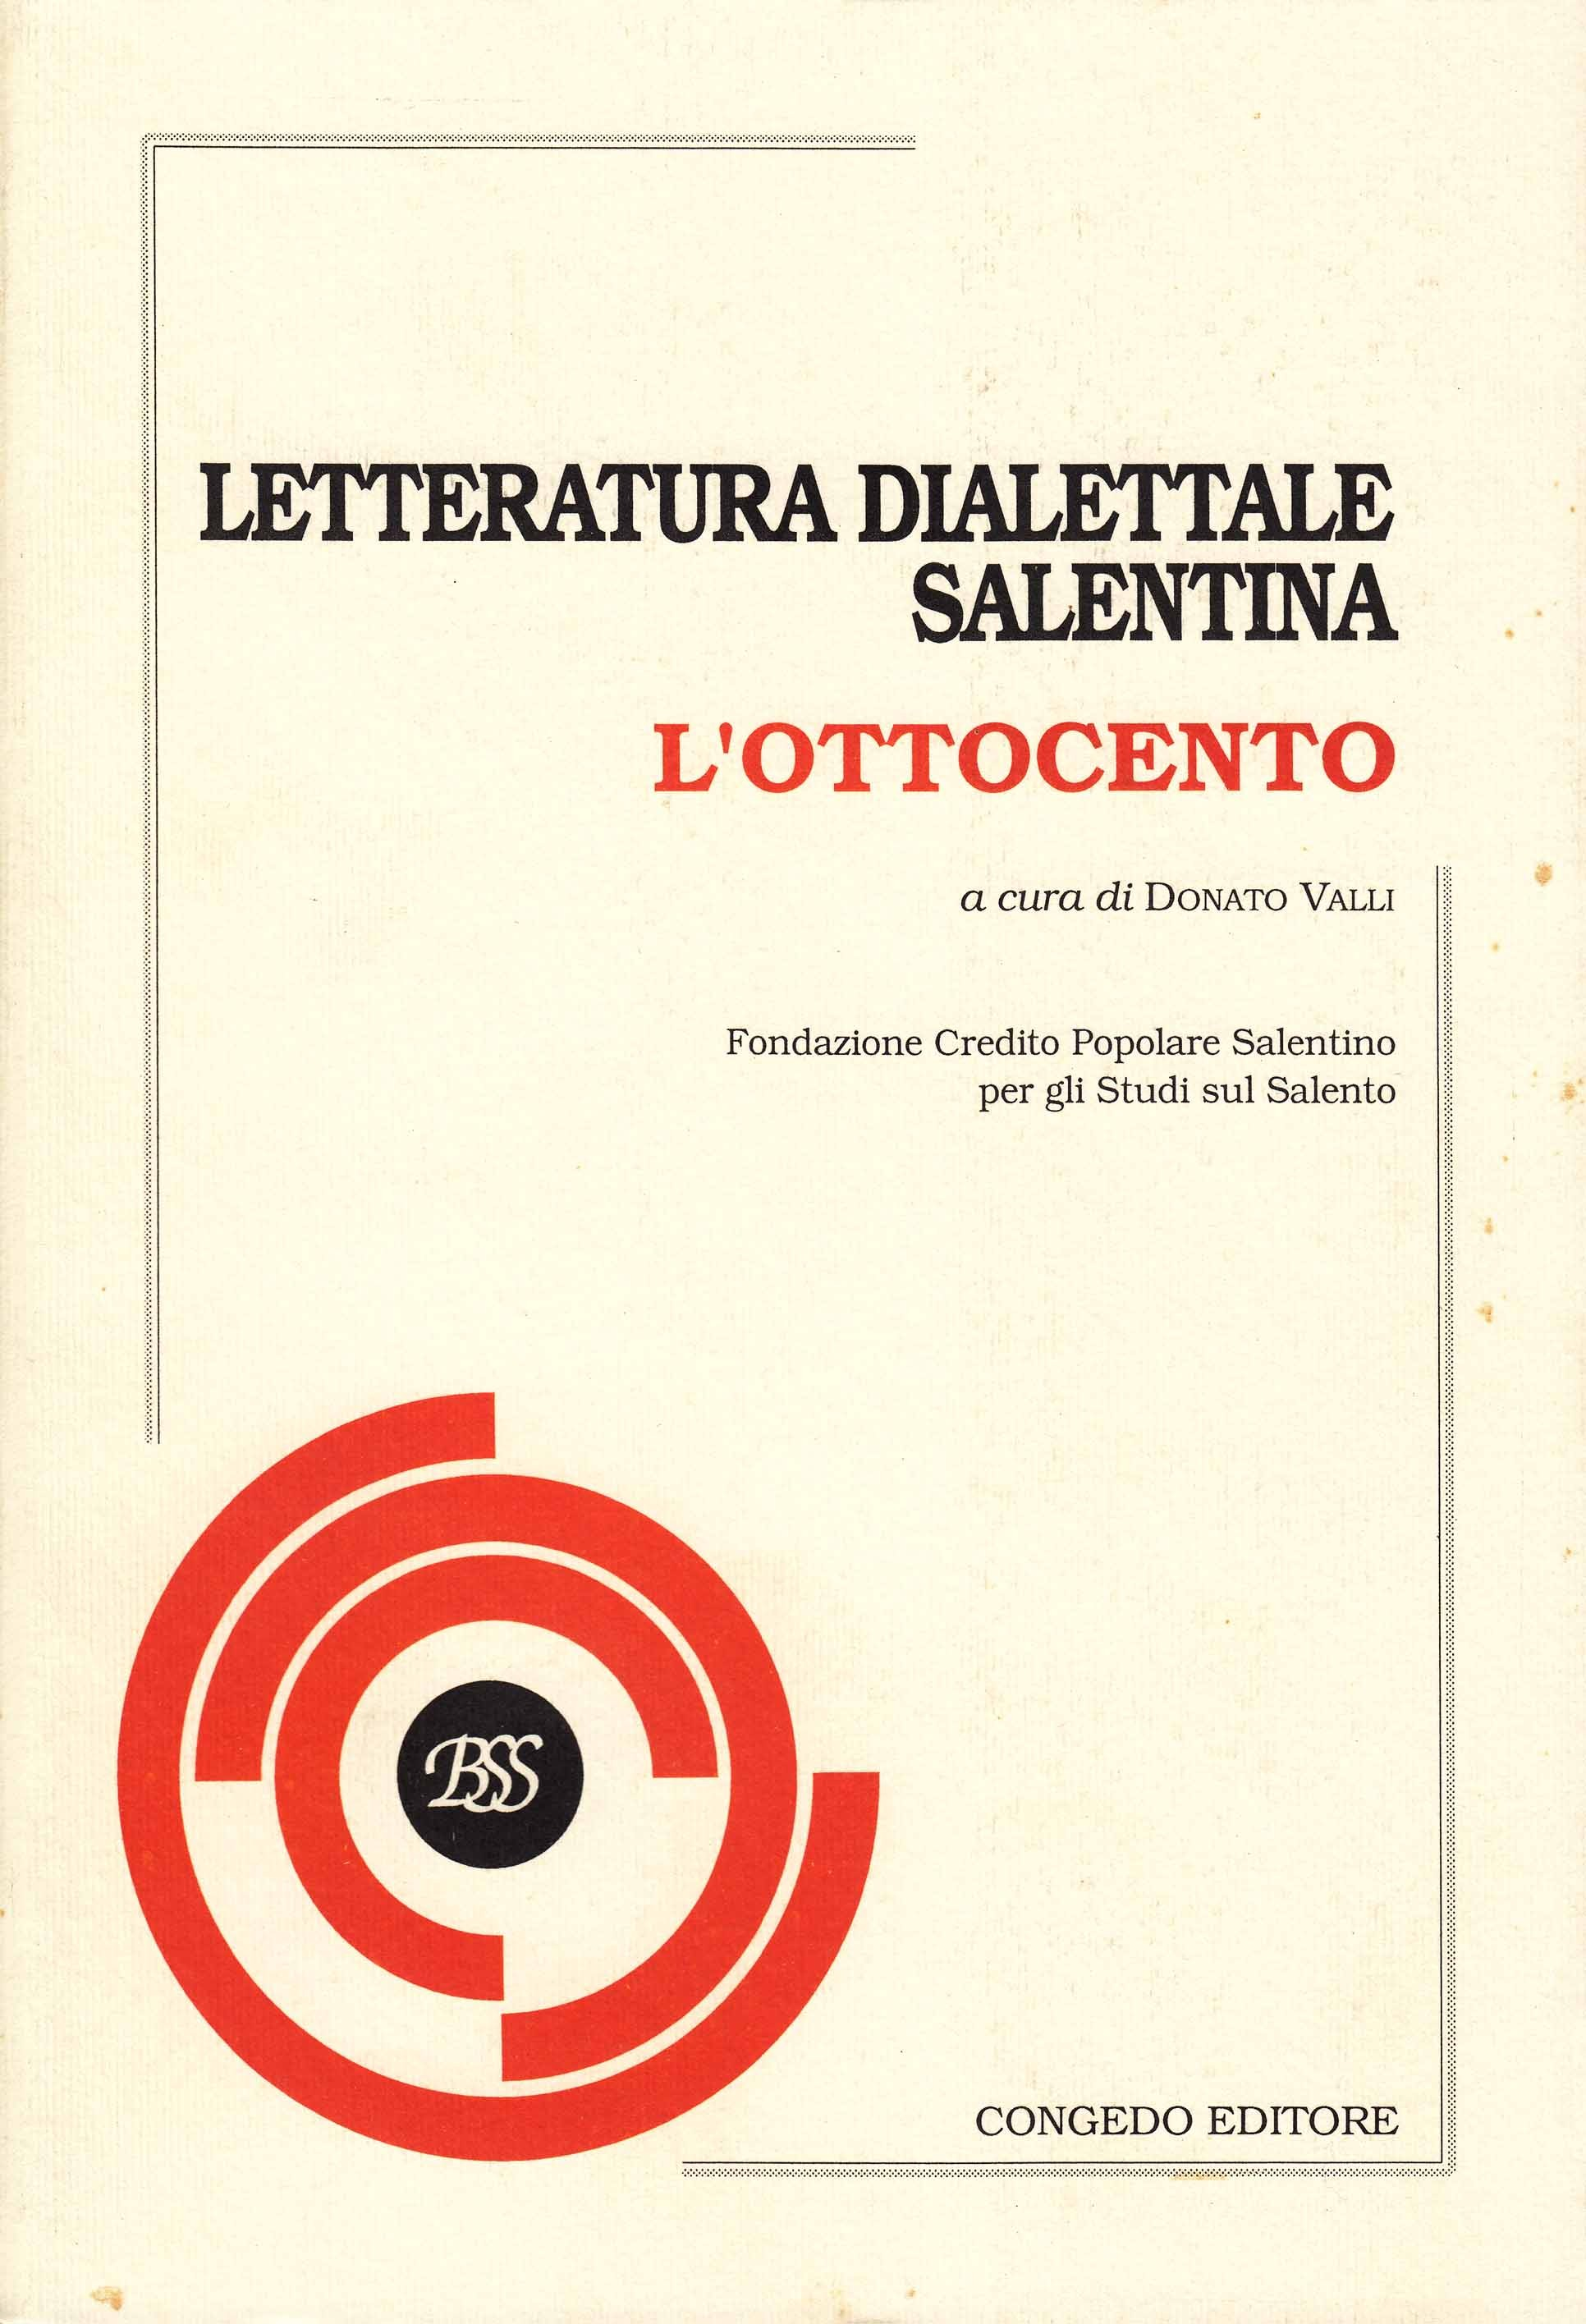 Letteratura dialettale salentina. L'Ottocento (2 tomi)